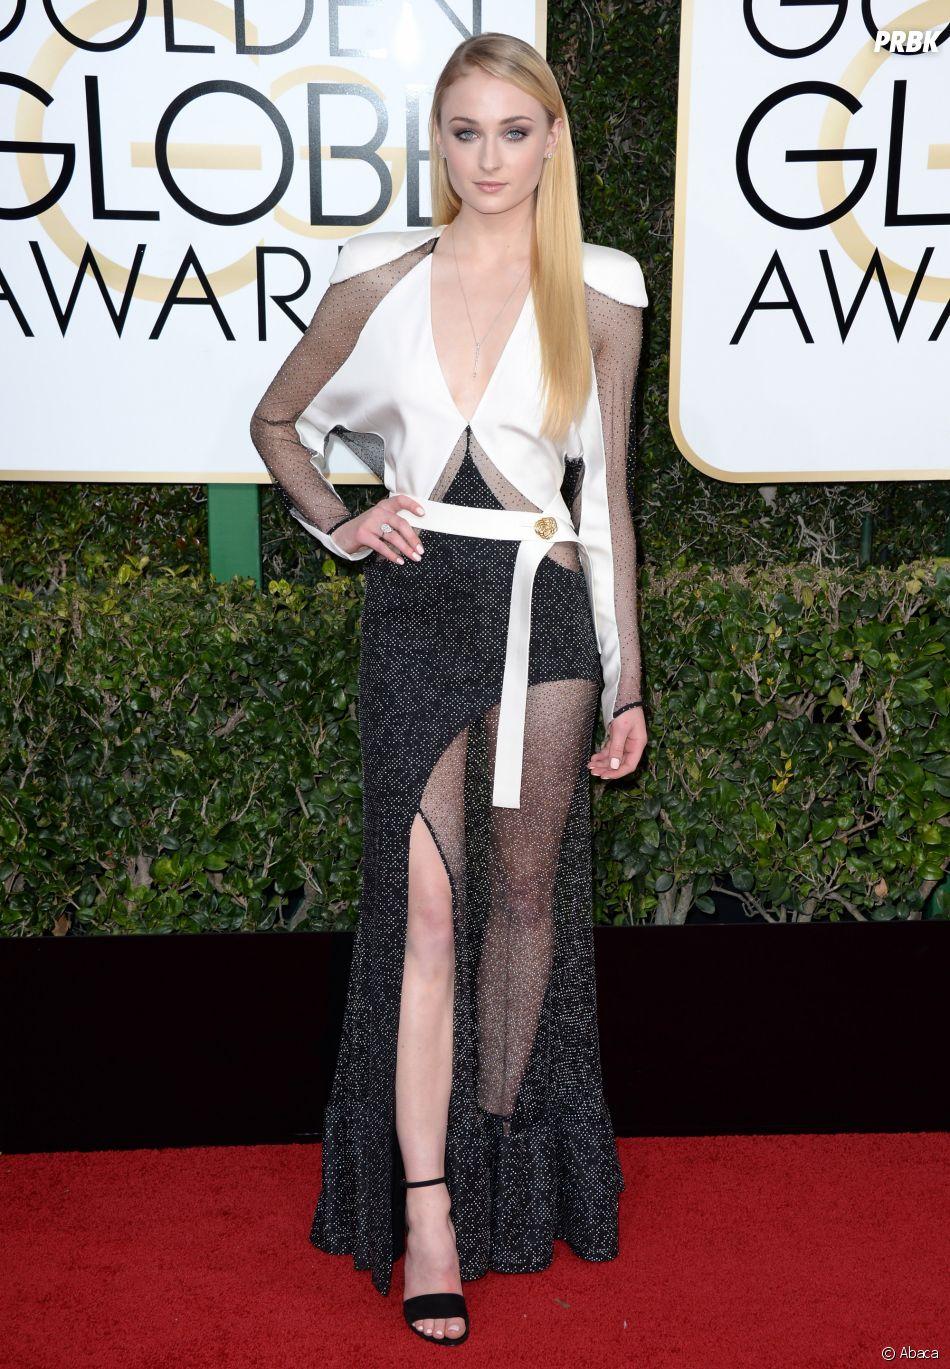 Sophie Turner sur le tapis-rouge des Golden Globes 2017 le 8 janvier à Los Angeles